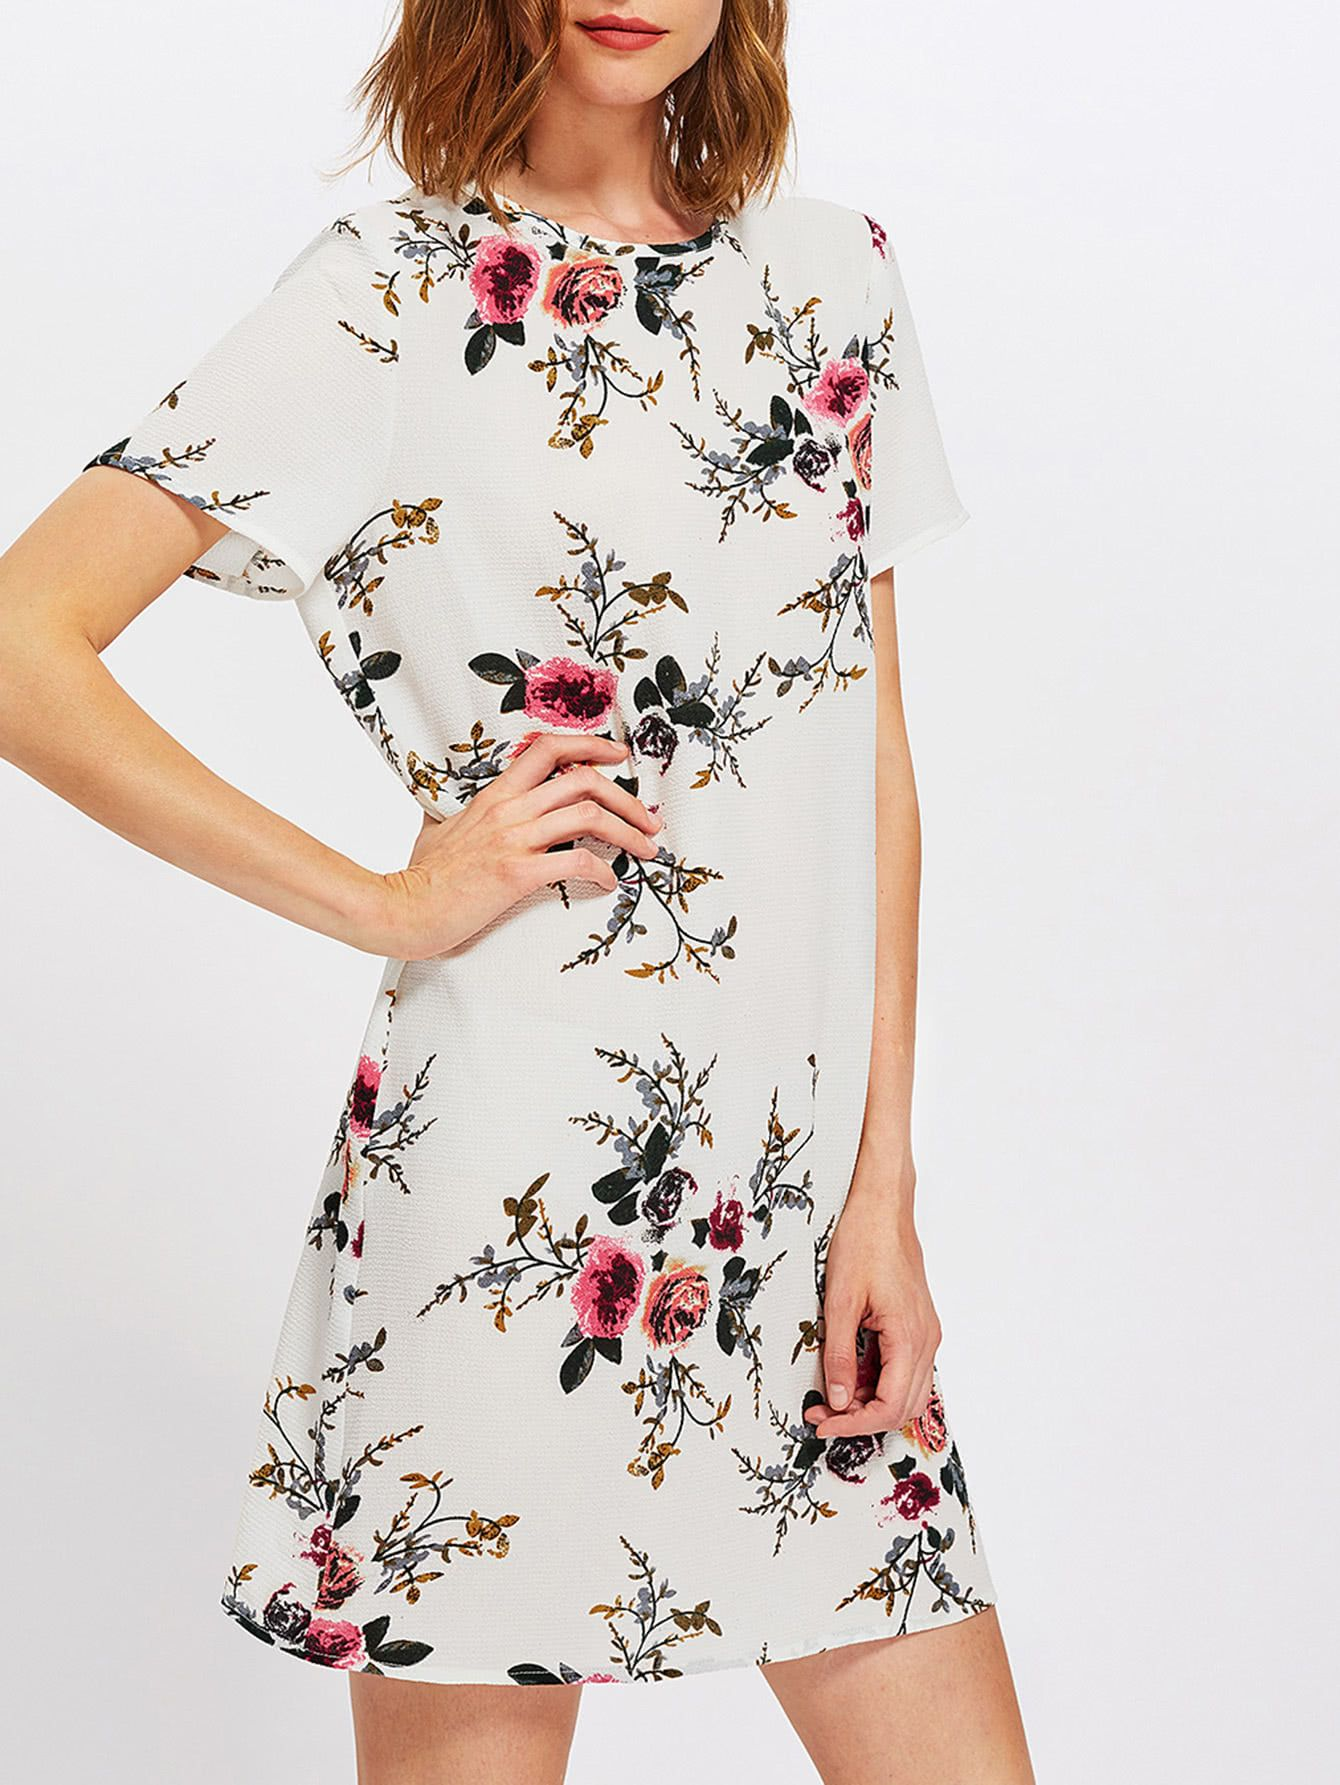 2475dbe28306c ¡Consigue este tipo de vestido informal de SheIn ahora! Haz clic para ver  los detalles. Envíos gratis a toda España. Buttoned Keyhole Back Floral  Dress  ...